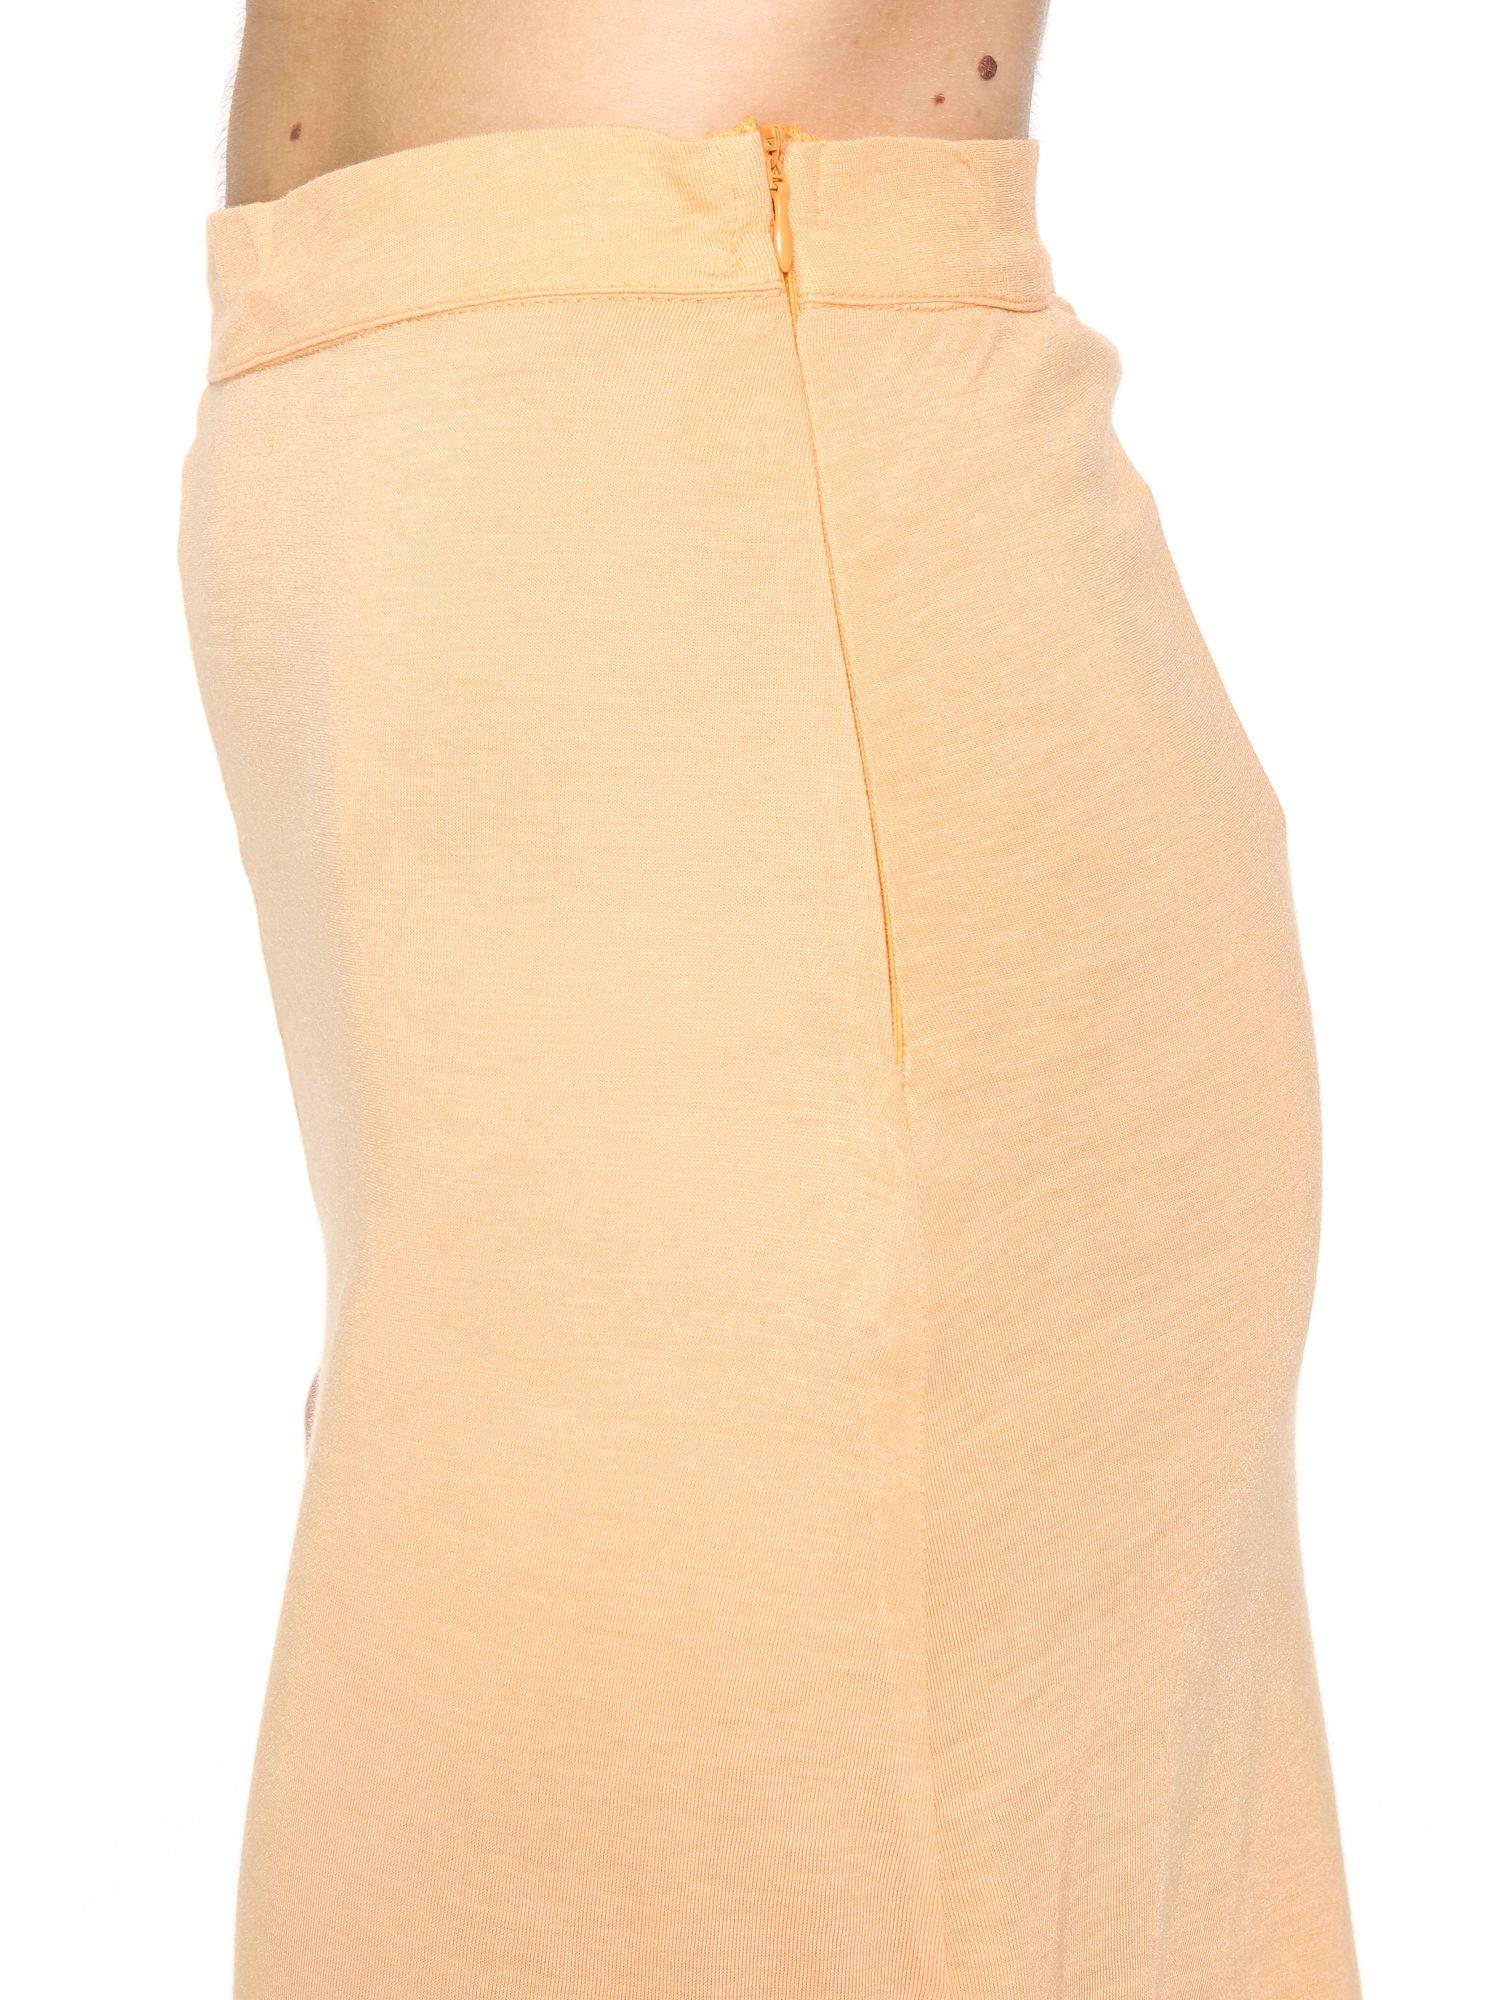 Pomarańczowa spódnica maxi z rozcięciami po bokach                                  zdj.                                  5